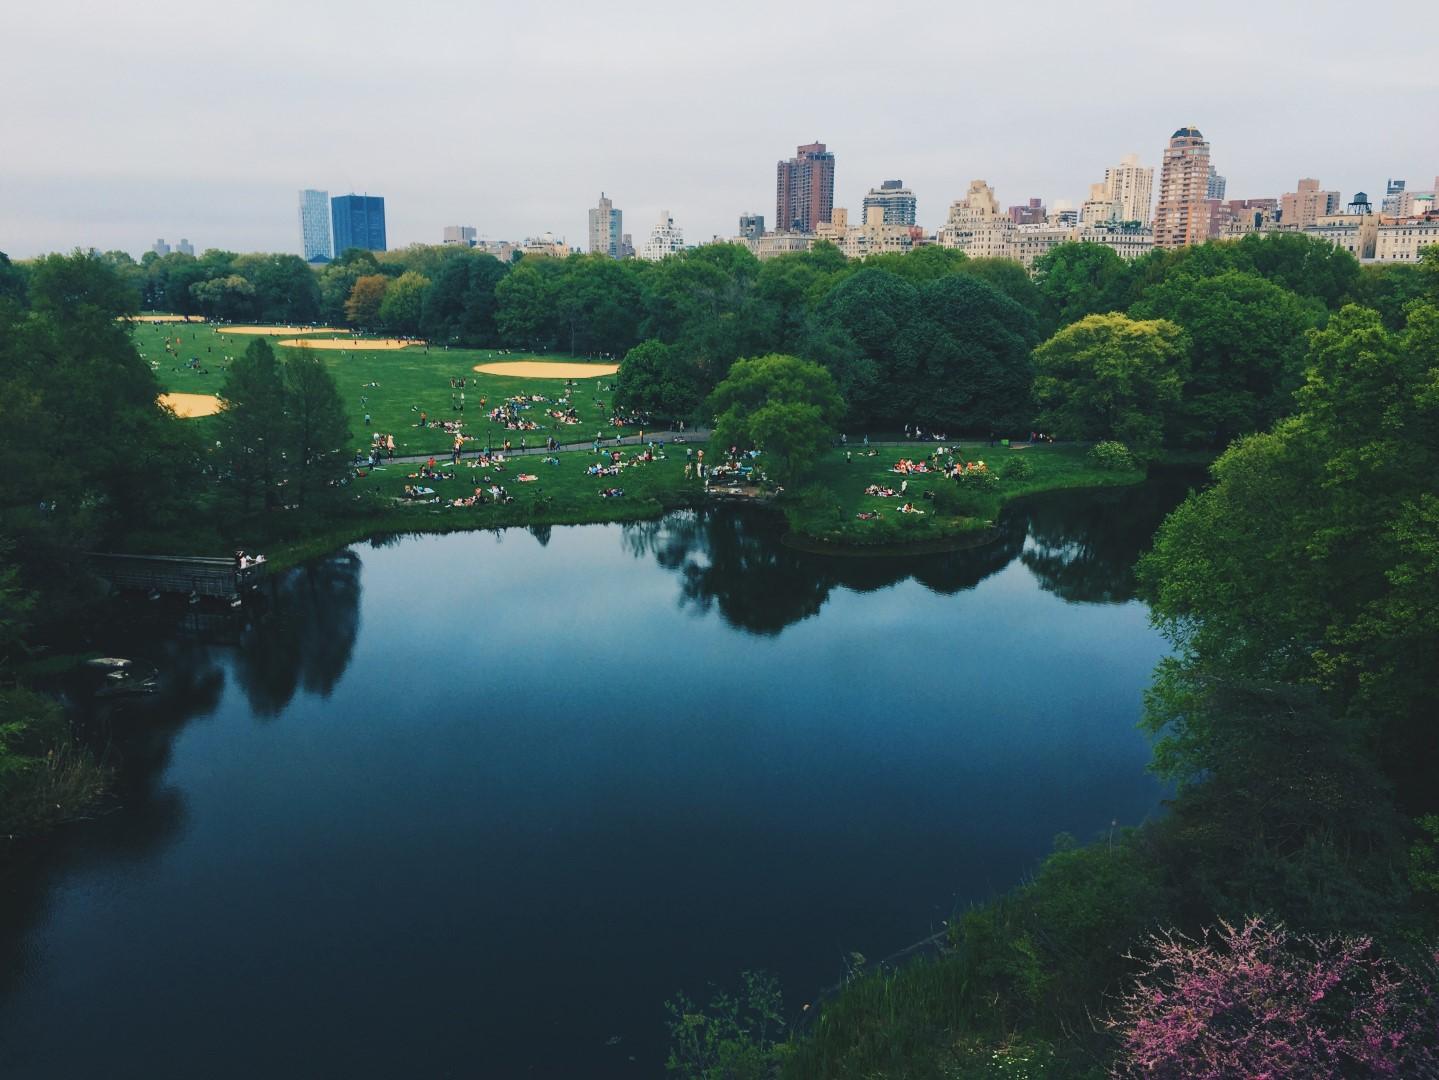 Cidades precisam investir em infraestrutura verde para garantir uma vida com mais qualidade para os habitantes. Foto: Becky Phan / Unsplash